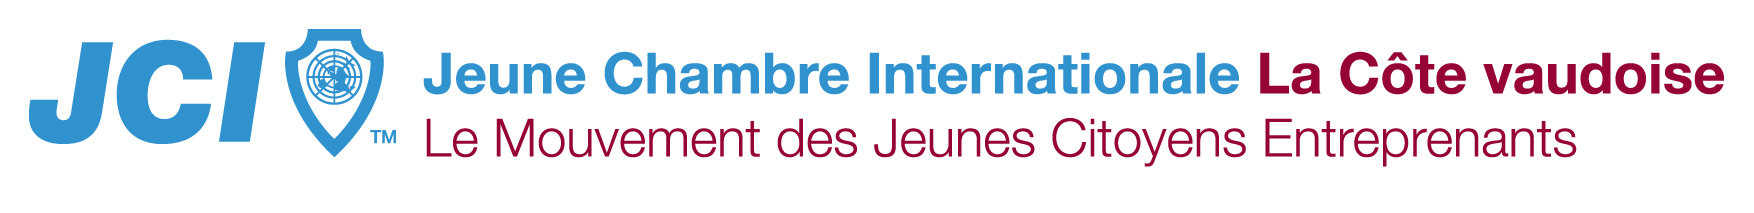 JCI la Côte Vaudoise | Le mouvement des jeunes citoyens Entreprenants: Jeune Chambre Internationale de la Côte vaudoise – district de Nyon